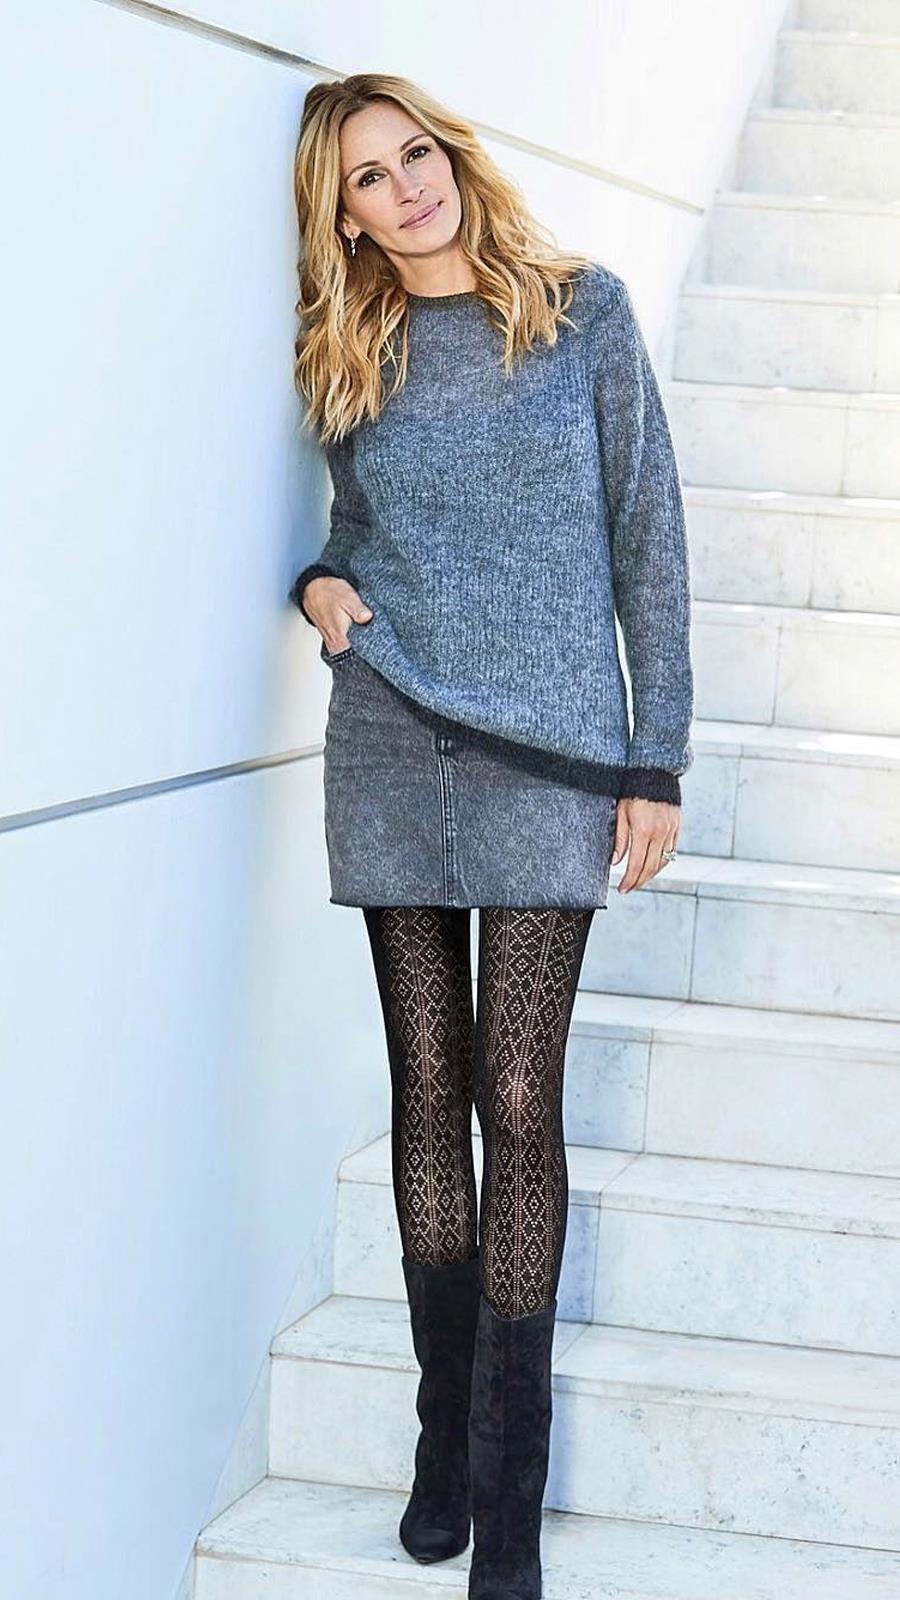 d3a5a6392 Minifaldas de otoño-invierno 2018-19  cómo llevarlas - InStyle